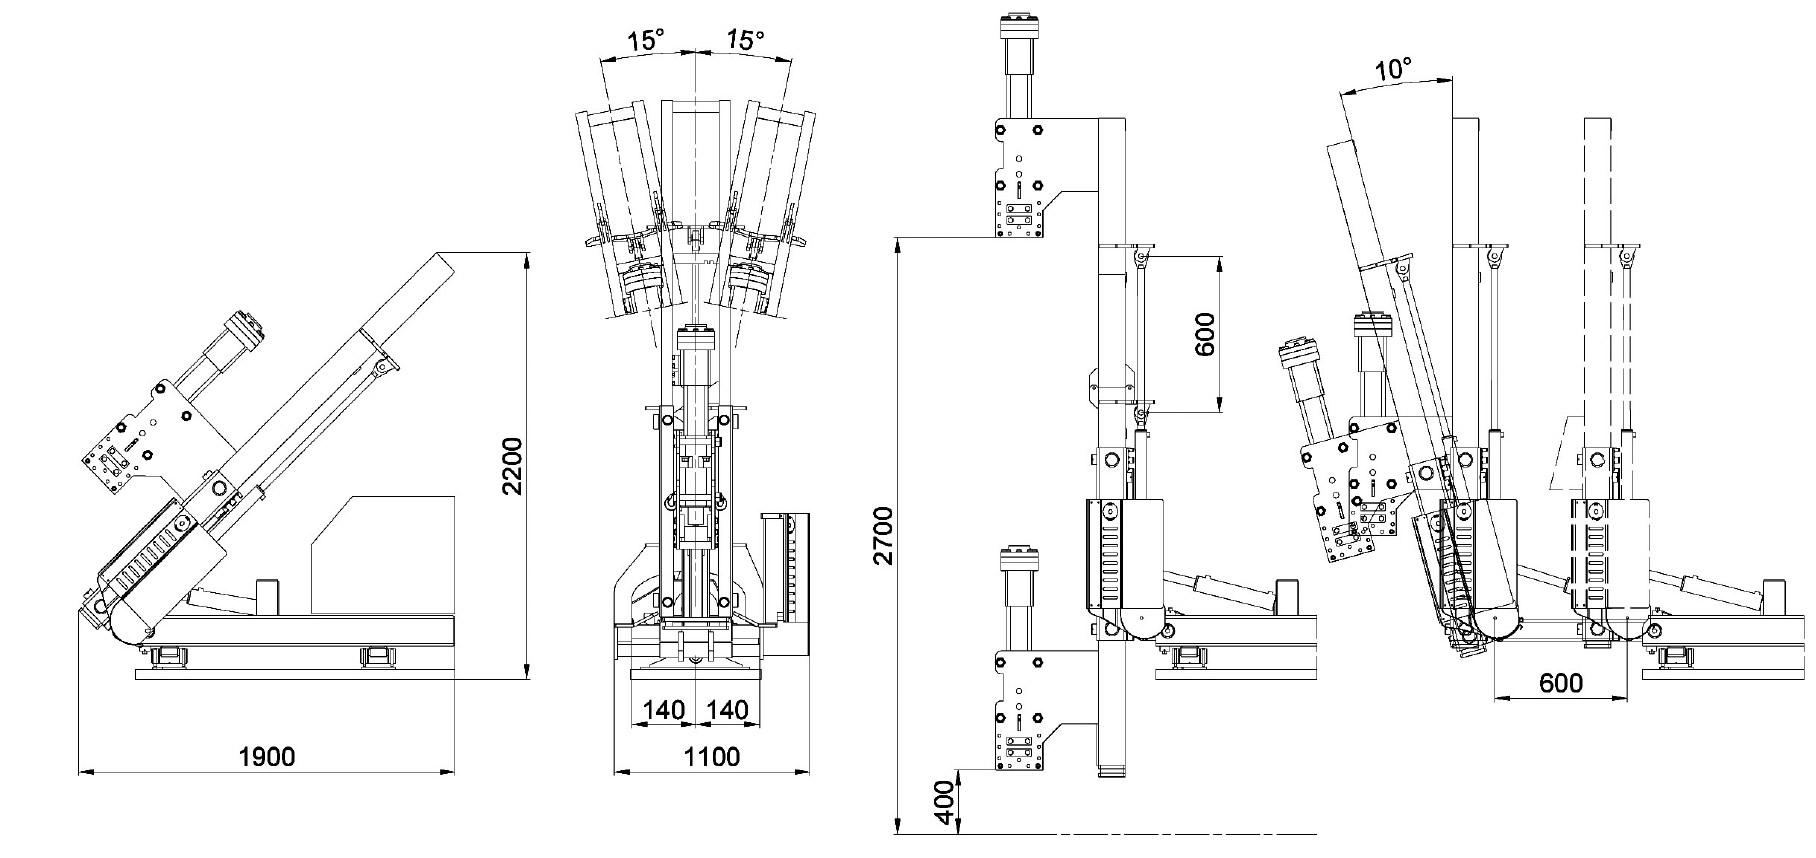 Misure e disegno tecnico attrezzatura battipalo modello 500SX